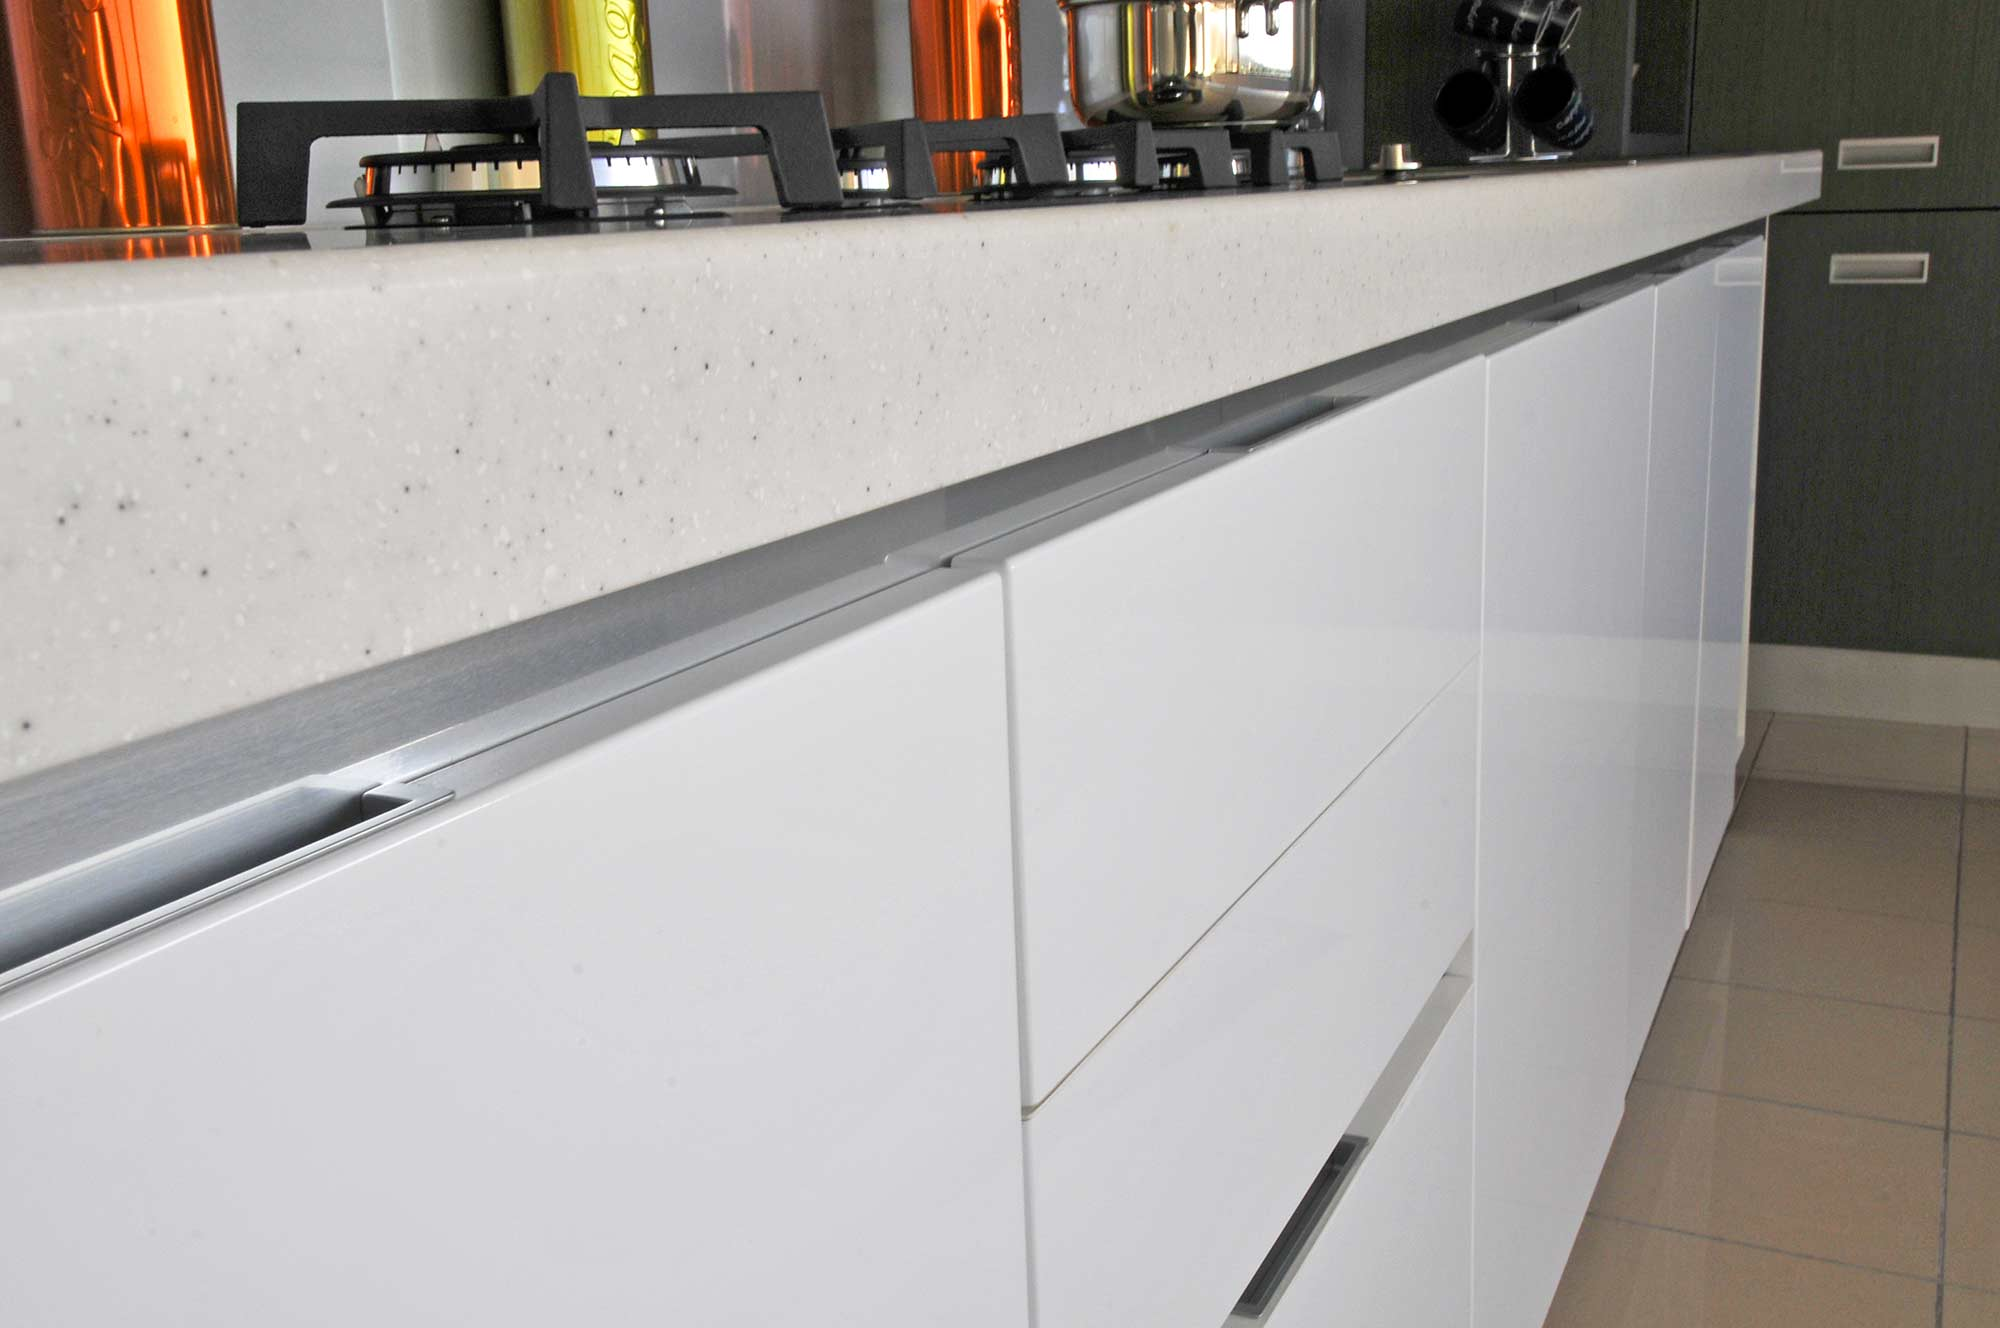 Pannelli cucine affordable cucine esszimmer il meglio di - Pannelli per cucine al posto delle piastrelle ...